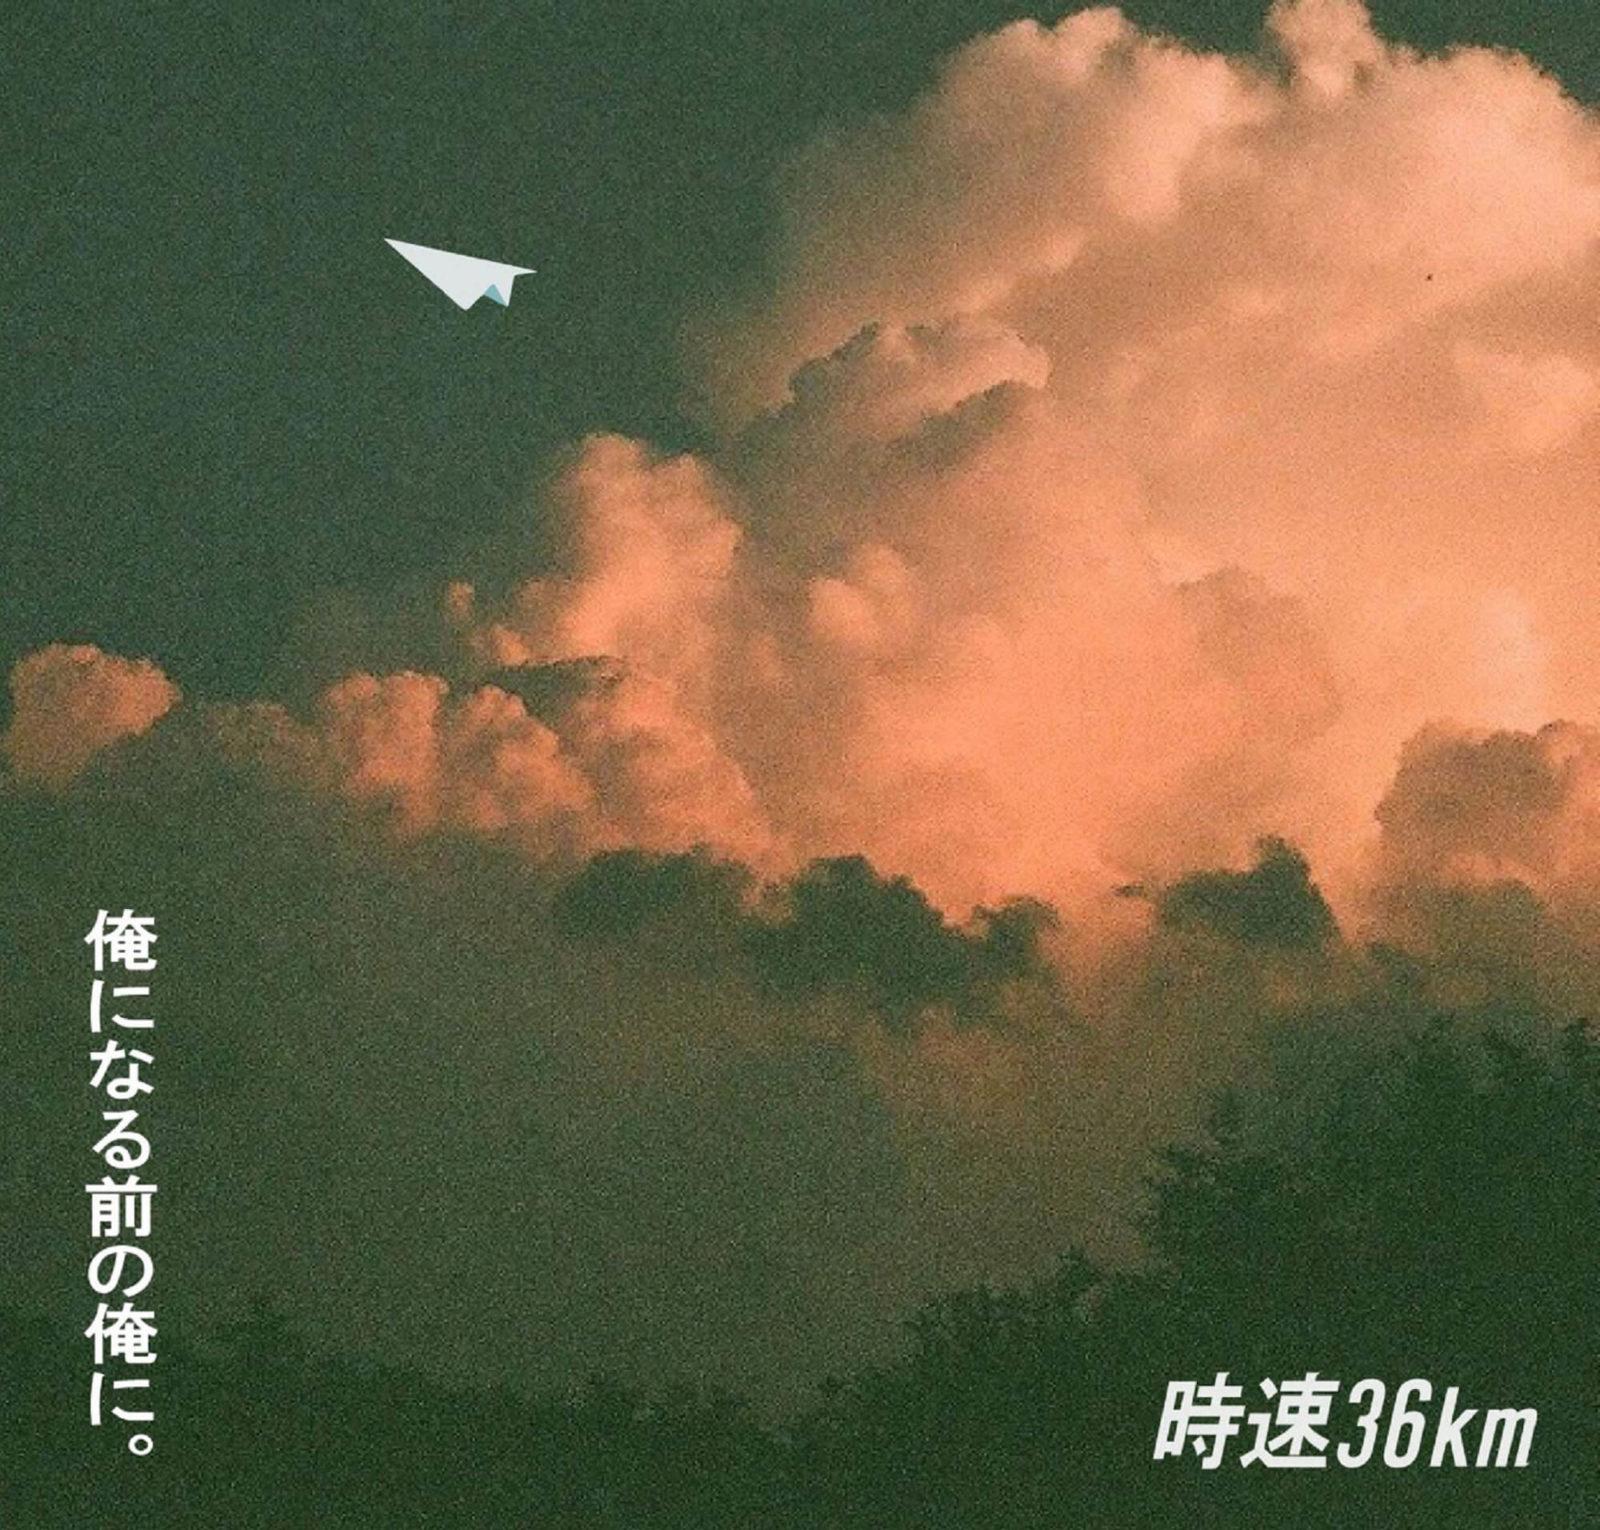 時速36km、「クソッタレ共に愛を」MV公開サムネイル画像